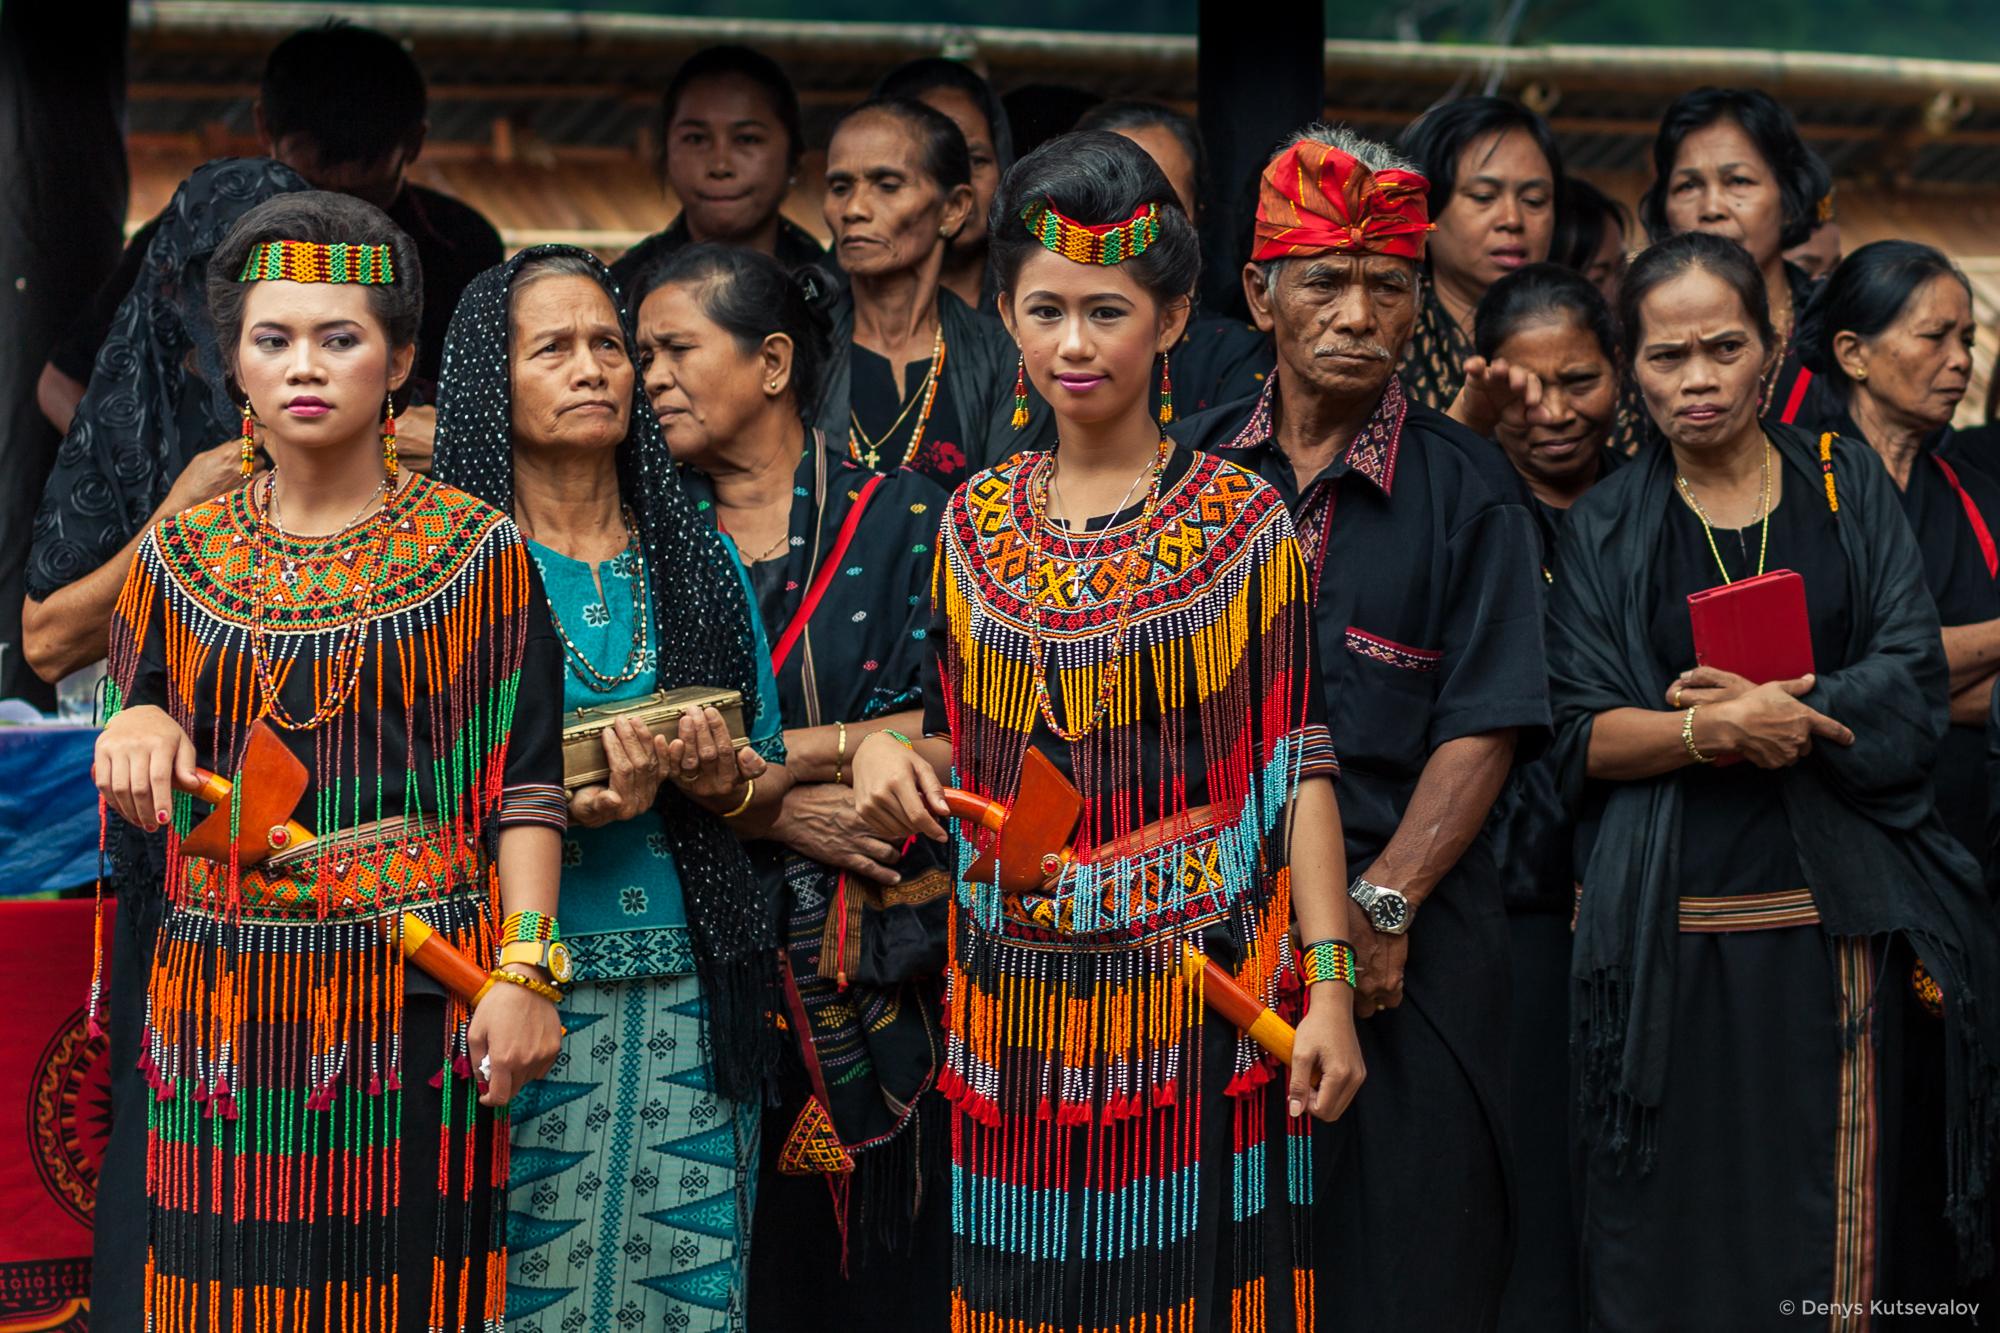 Жить нельзя умереть: похоронный обряд жителей острова Сулавеси